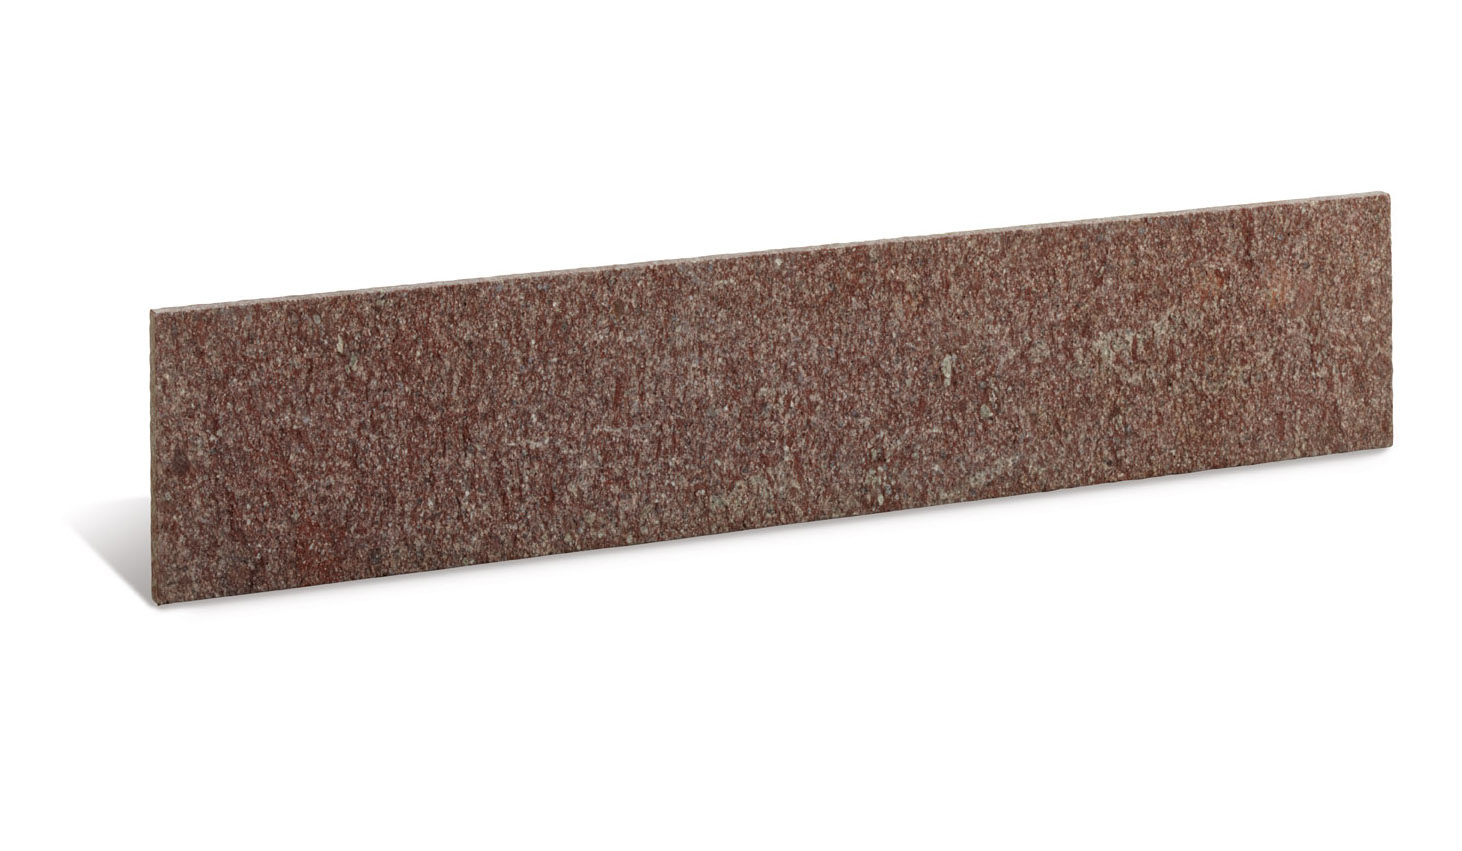 zoccolino granulati zandobbio porfido rosso